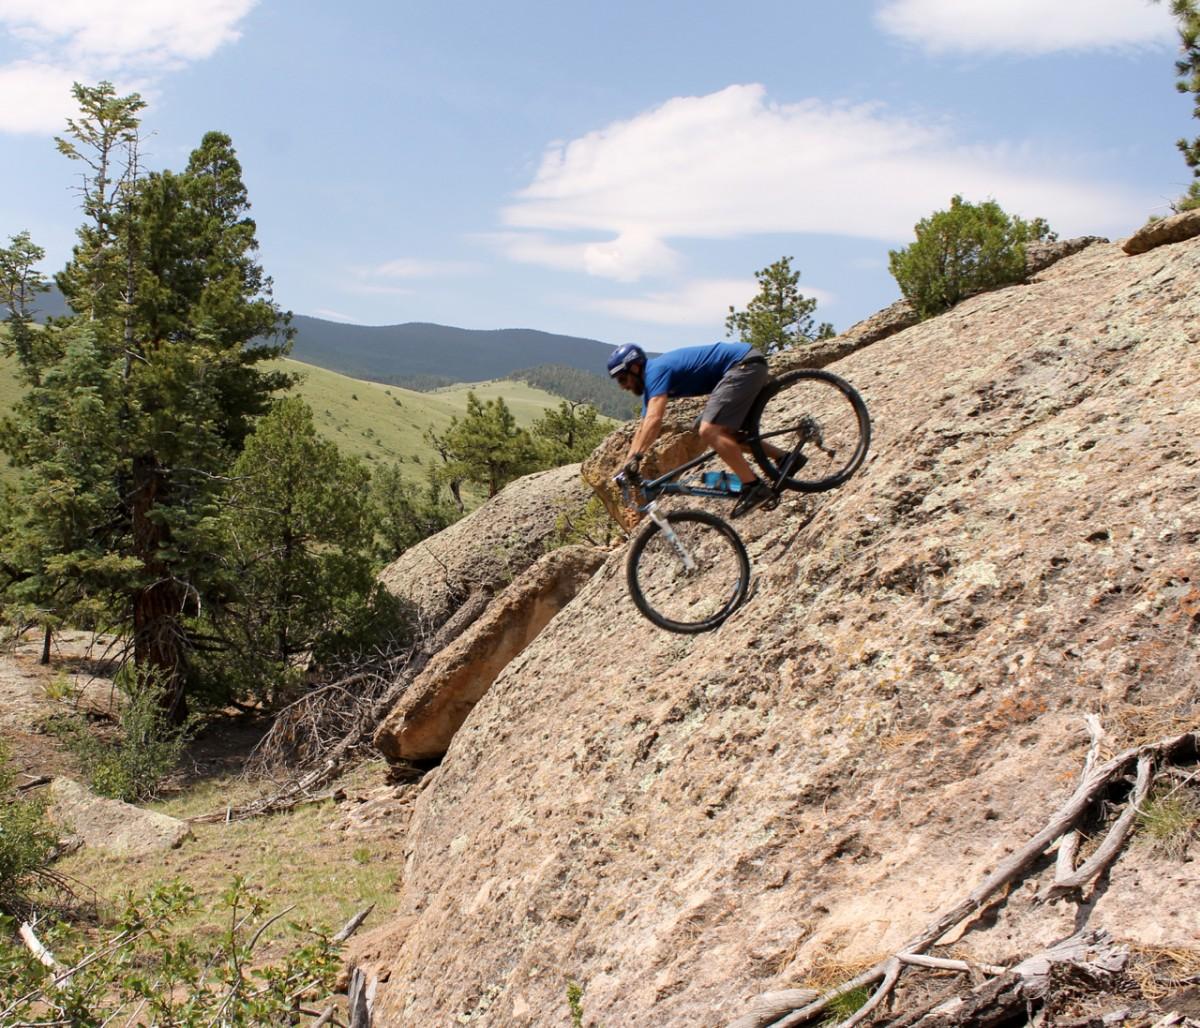 del norte, colorado: mountain bike destination on the rise